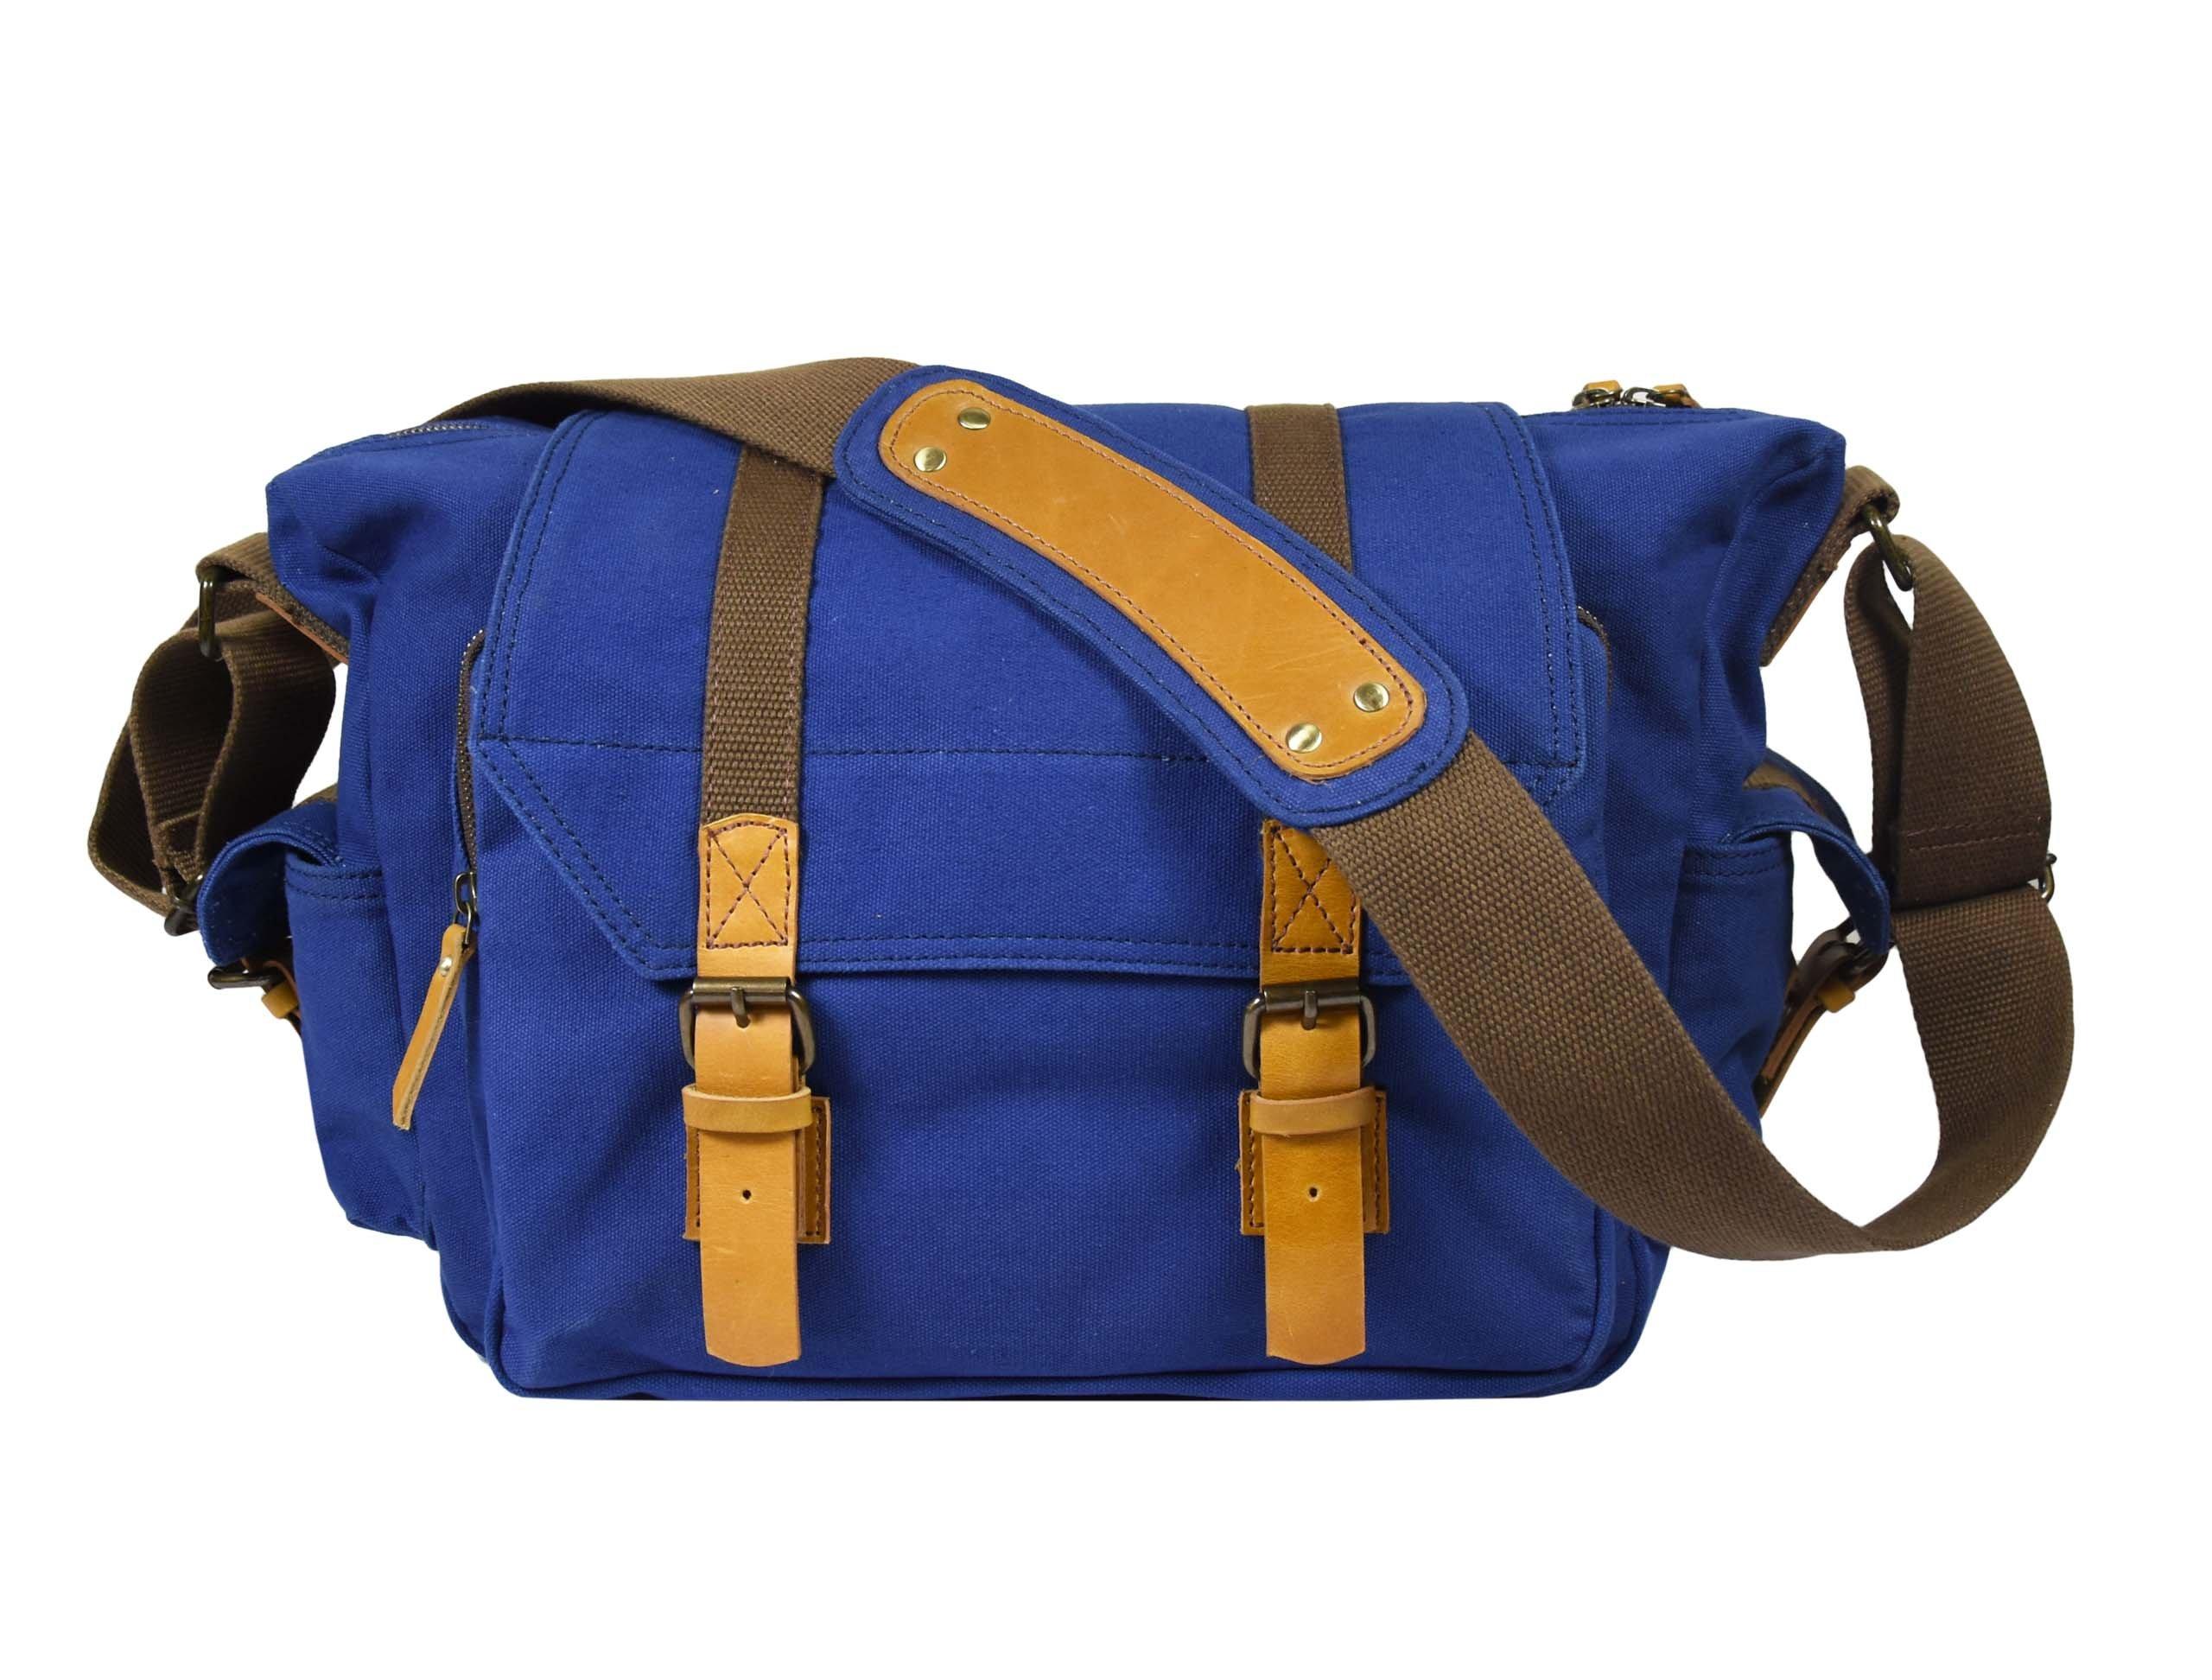 13'' High Density Cotton Canvas Camera Bag | Removable Modular Shock/Vibration Absorbing Insert | Vintage D/SLR Messenger Shoulder Bag By Aaron Leather